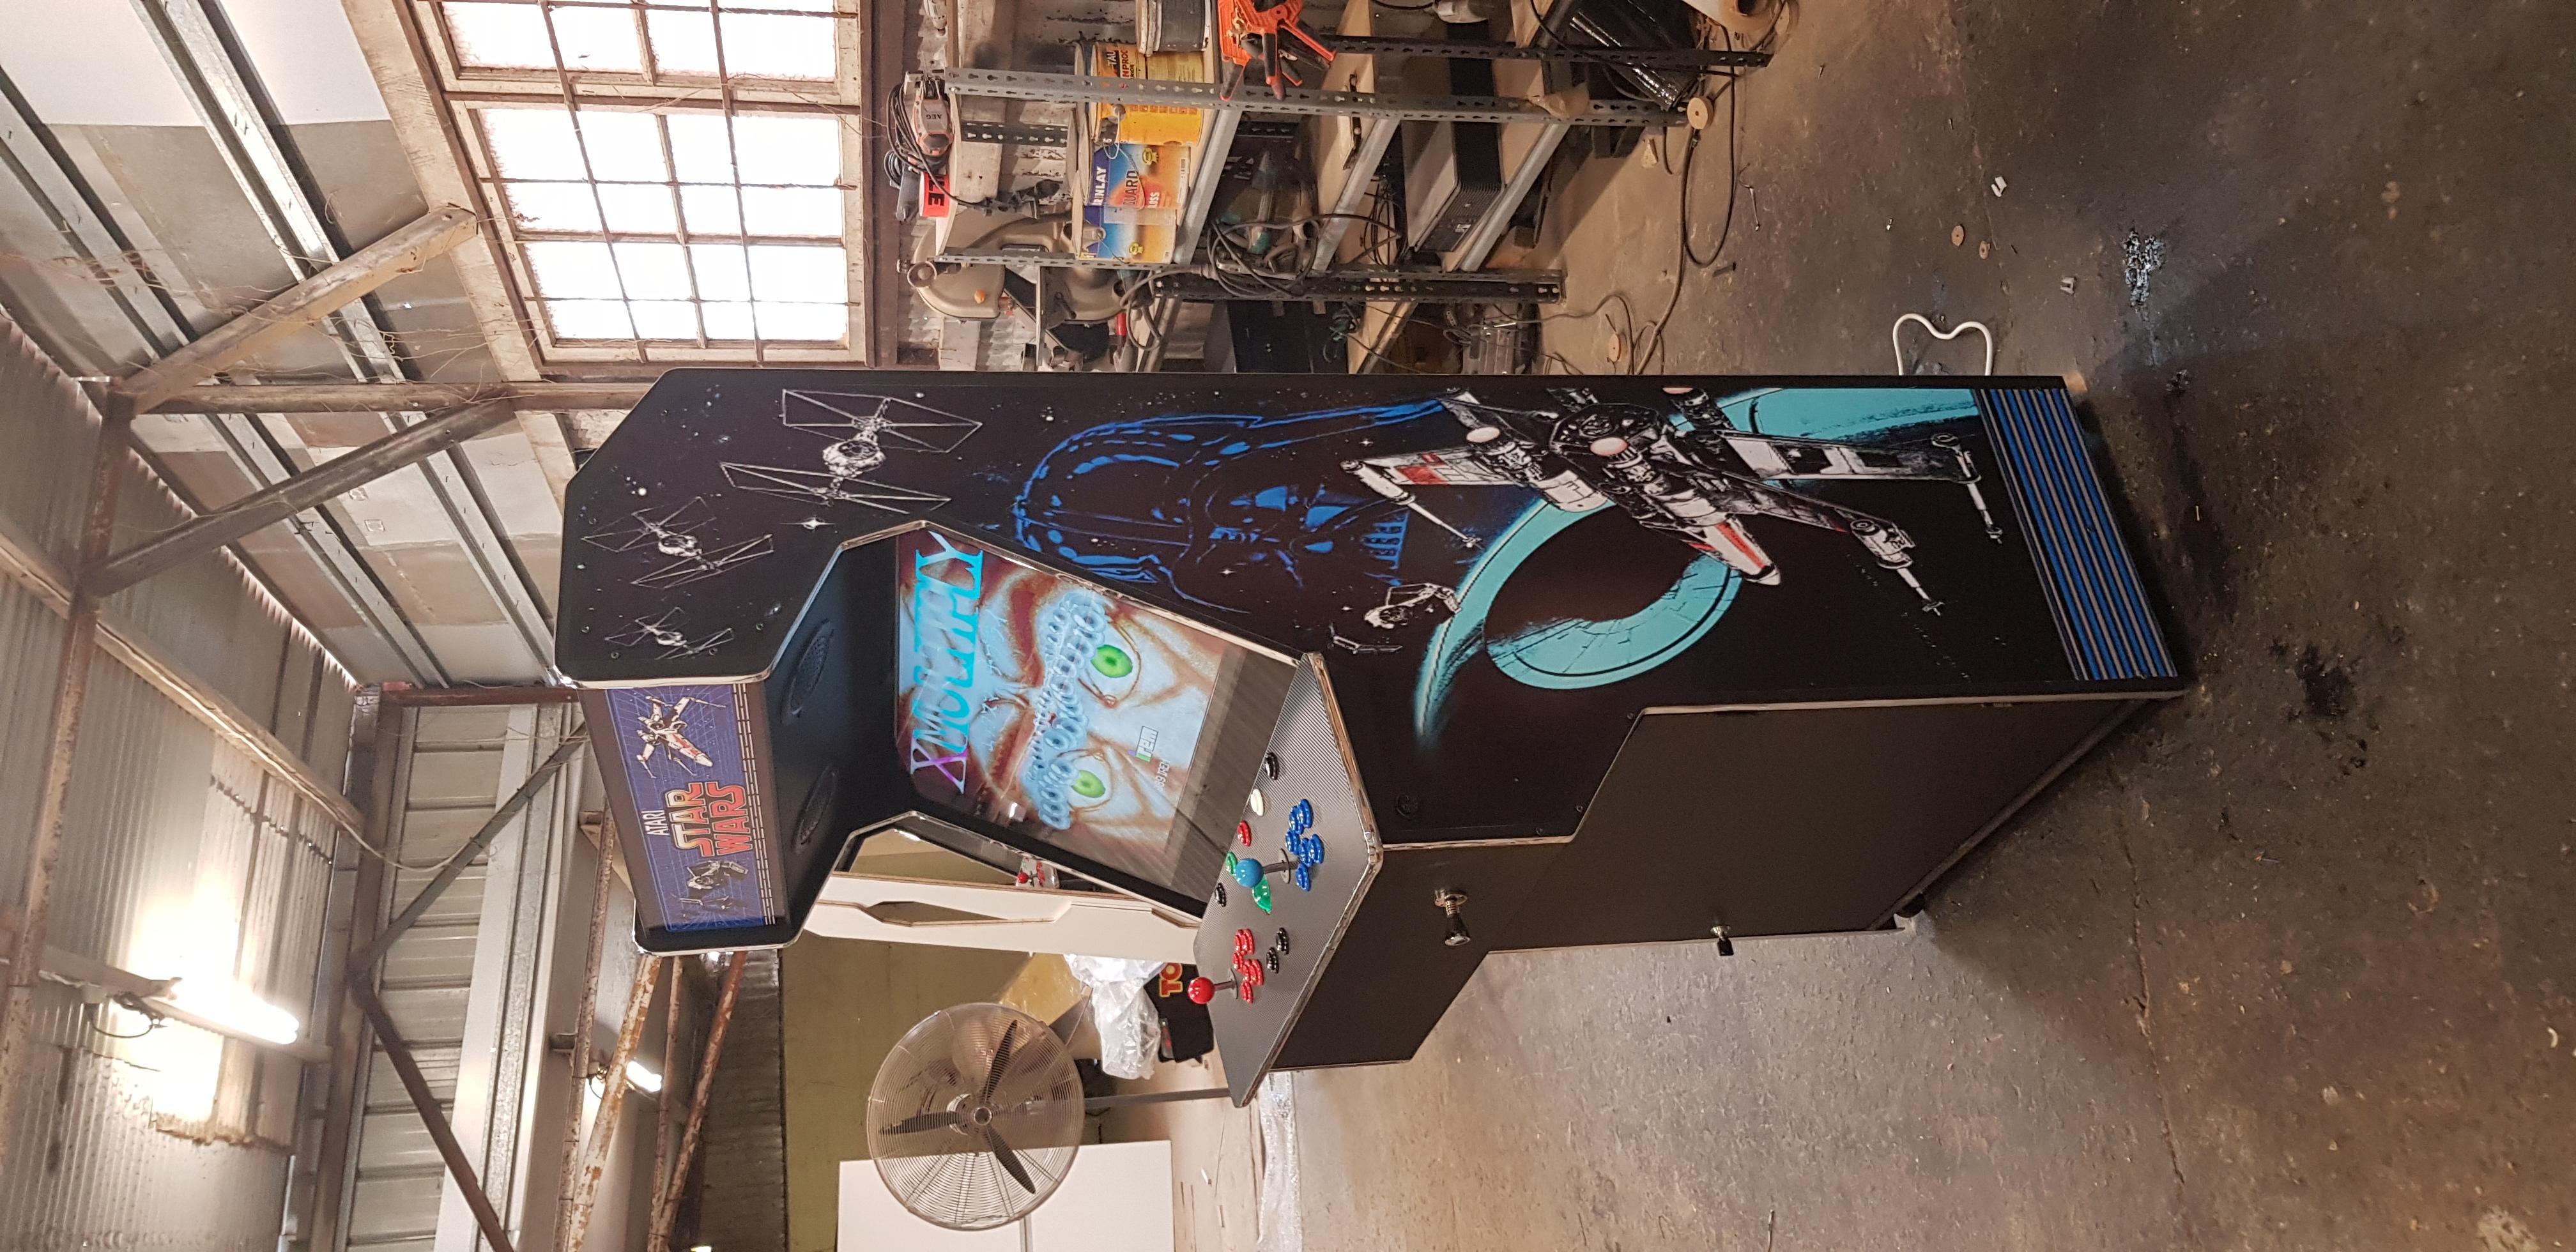 Star Wars arcade cabinet